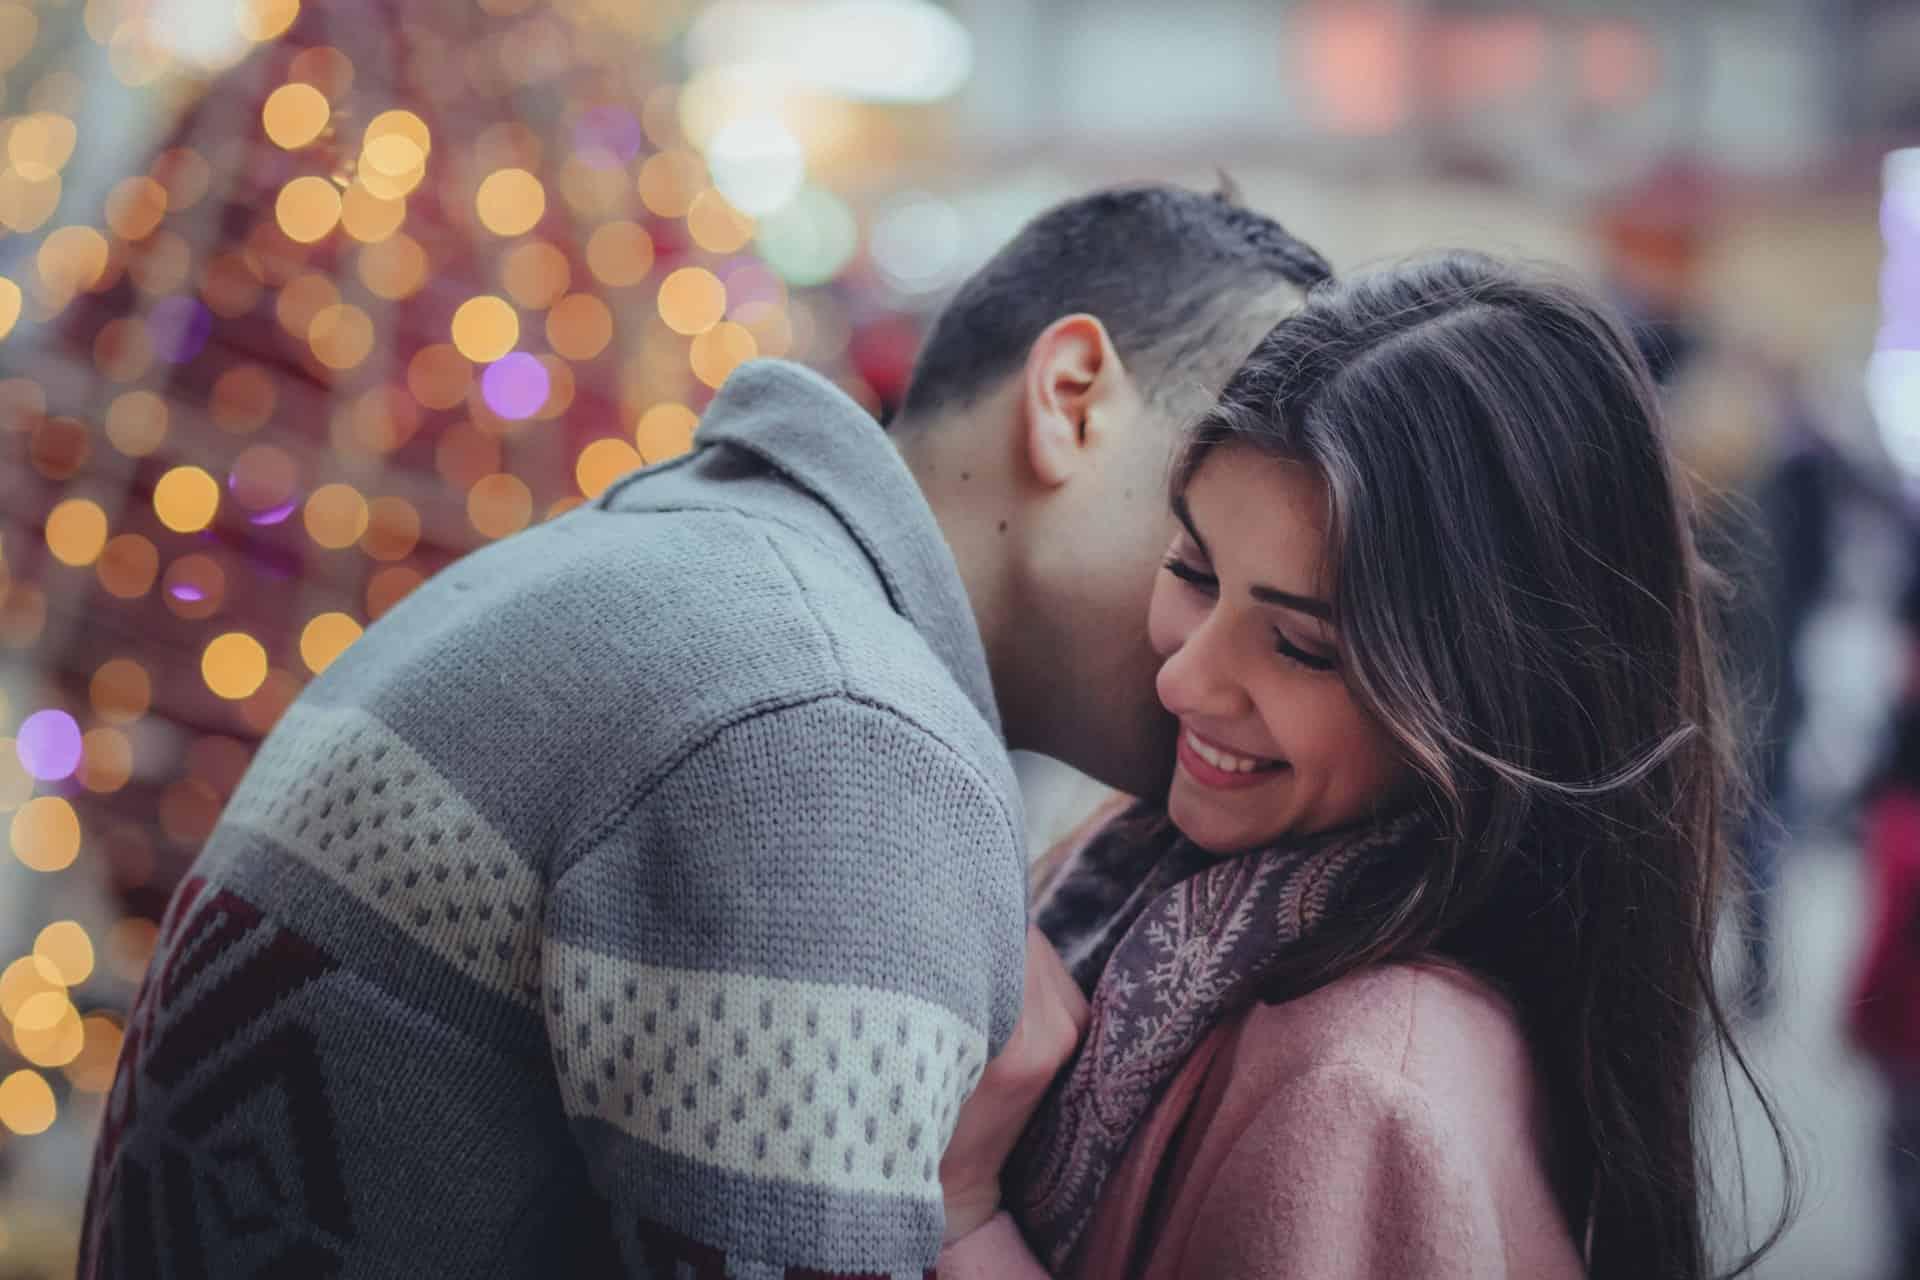 l'homme embrasse la femme et l'embrasse sur le cou